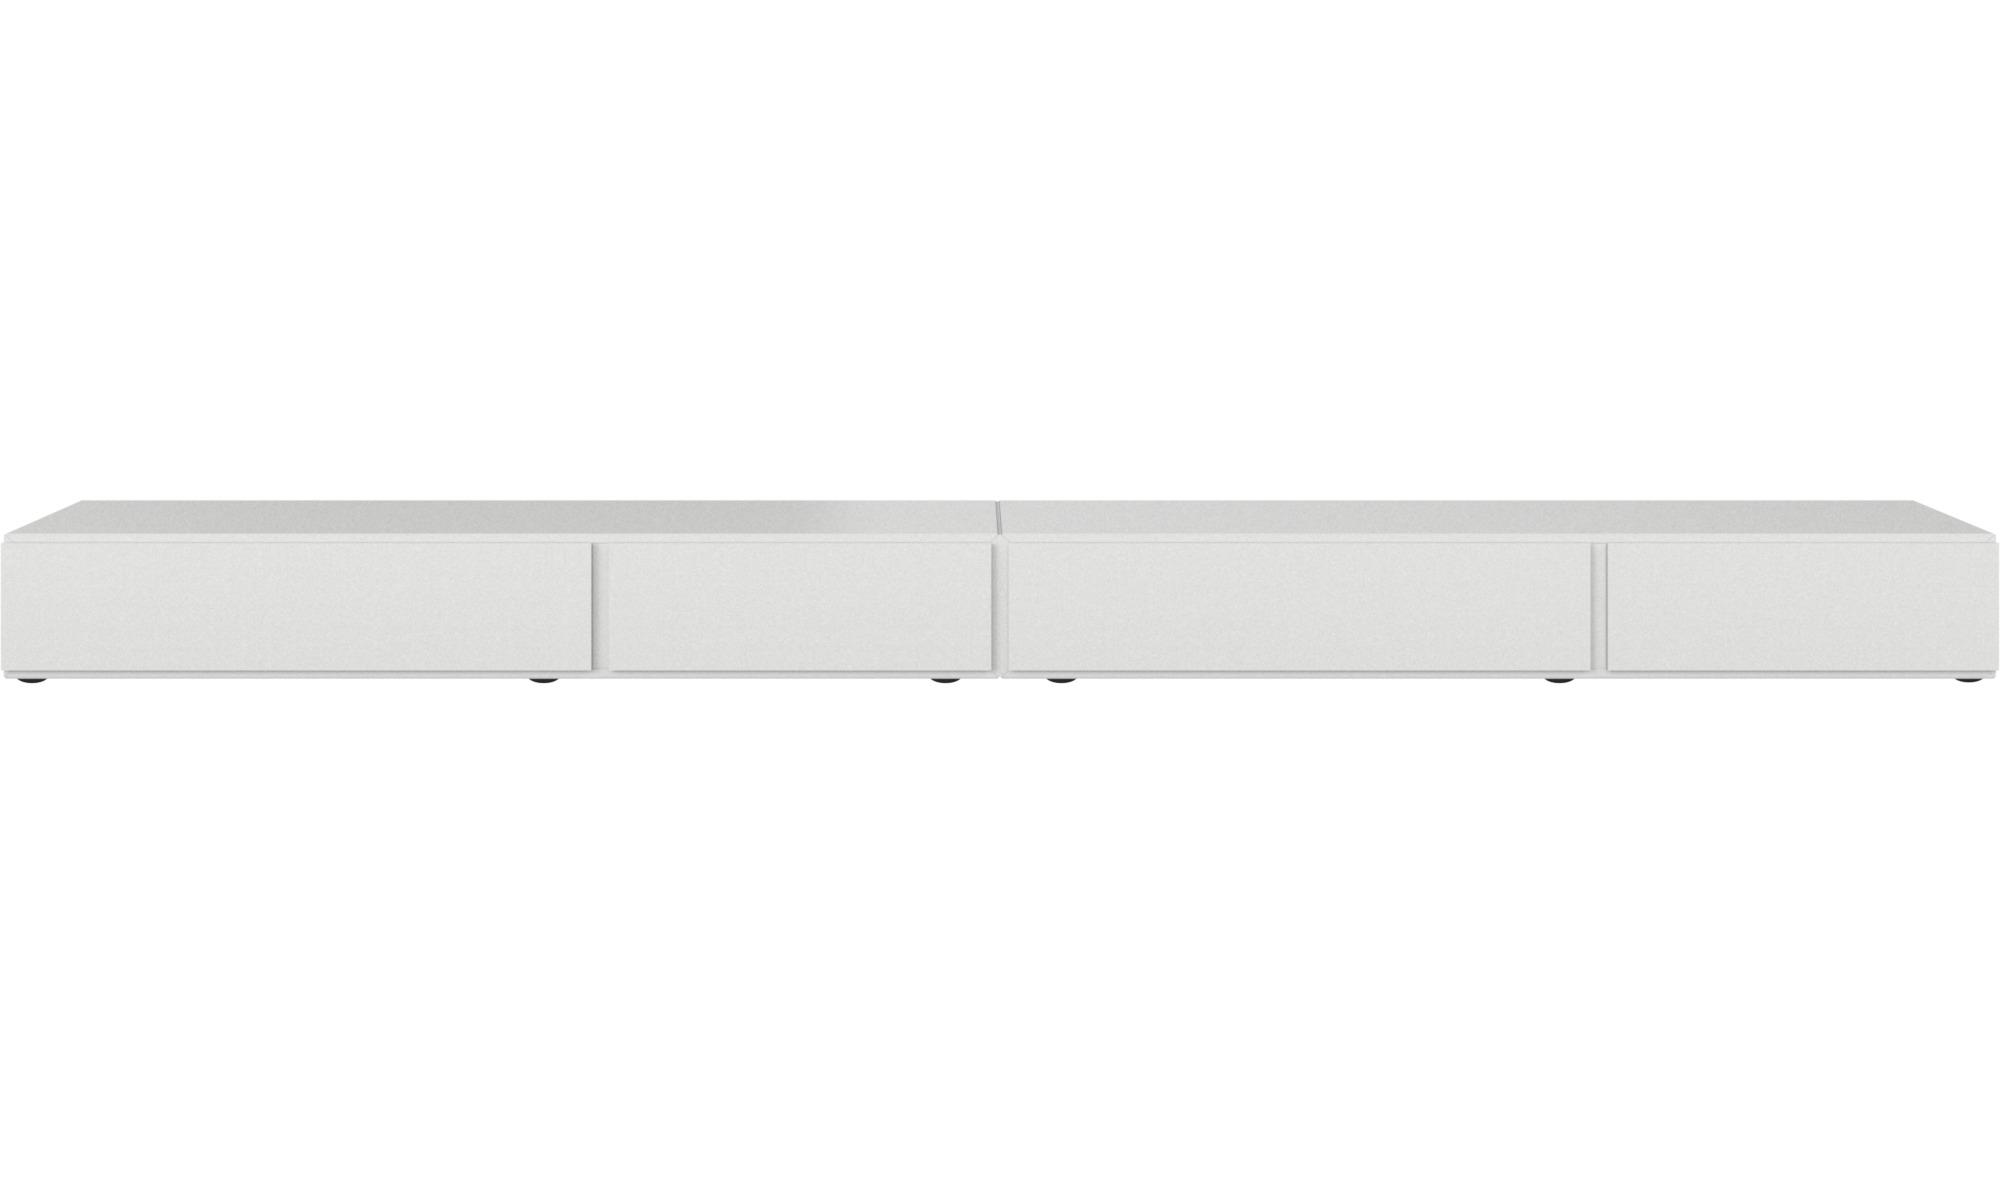 Muebles de TV - Armario bajo Lugano con cajones y puertas abatibles hacia abajo - Blanco - Laca